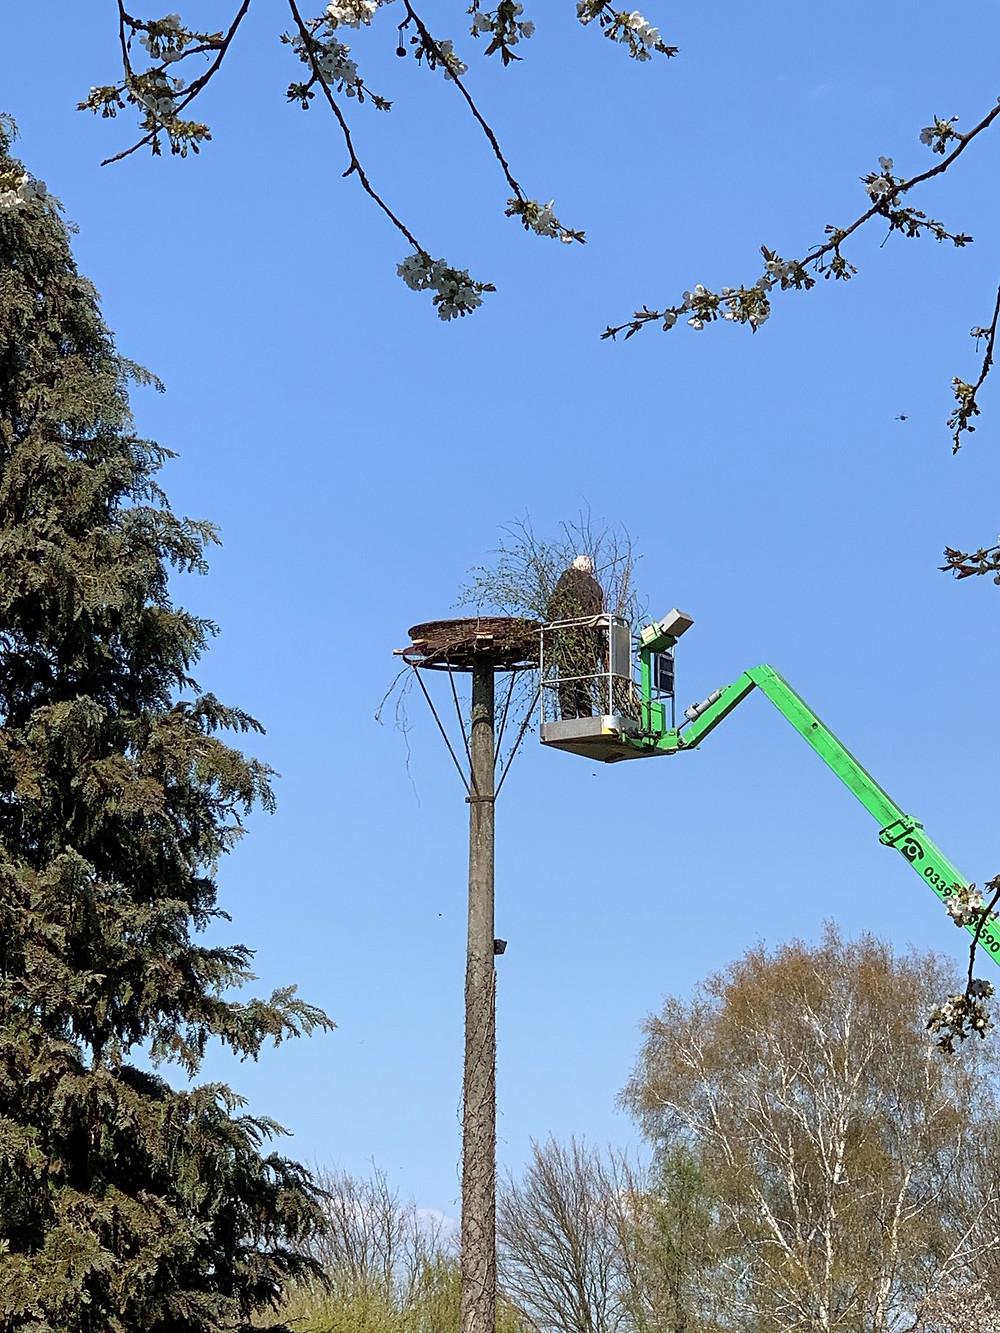 MartinsHof Kümmernitztal: Auch Zweige, Gehölz und weiße Frabe gehören zum Horstaufbau für ein Storchenpaar.